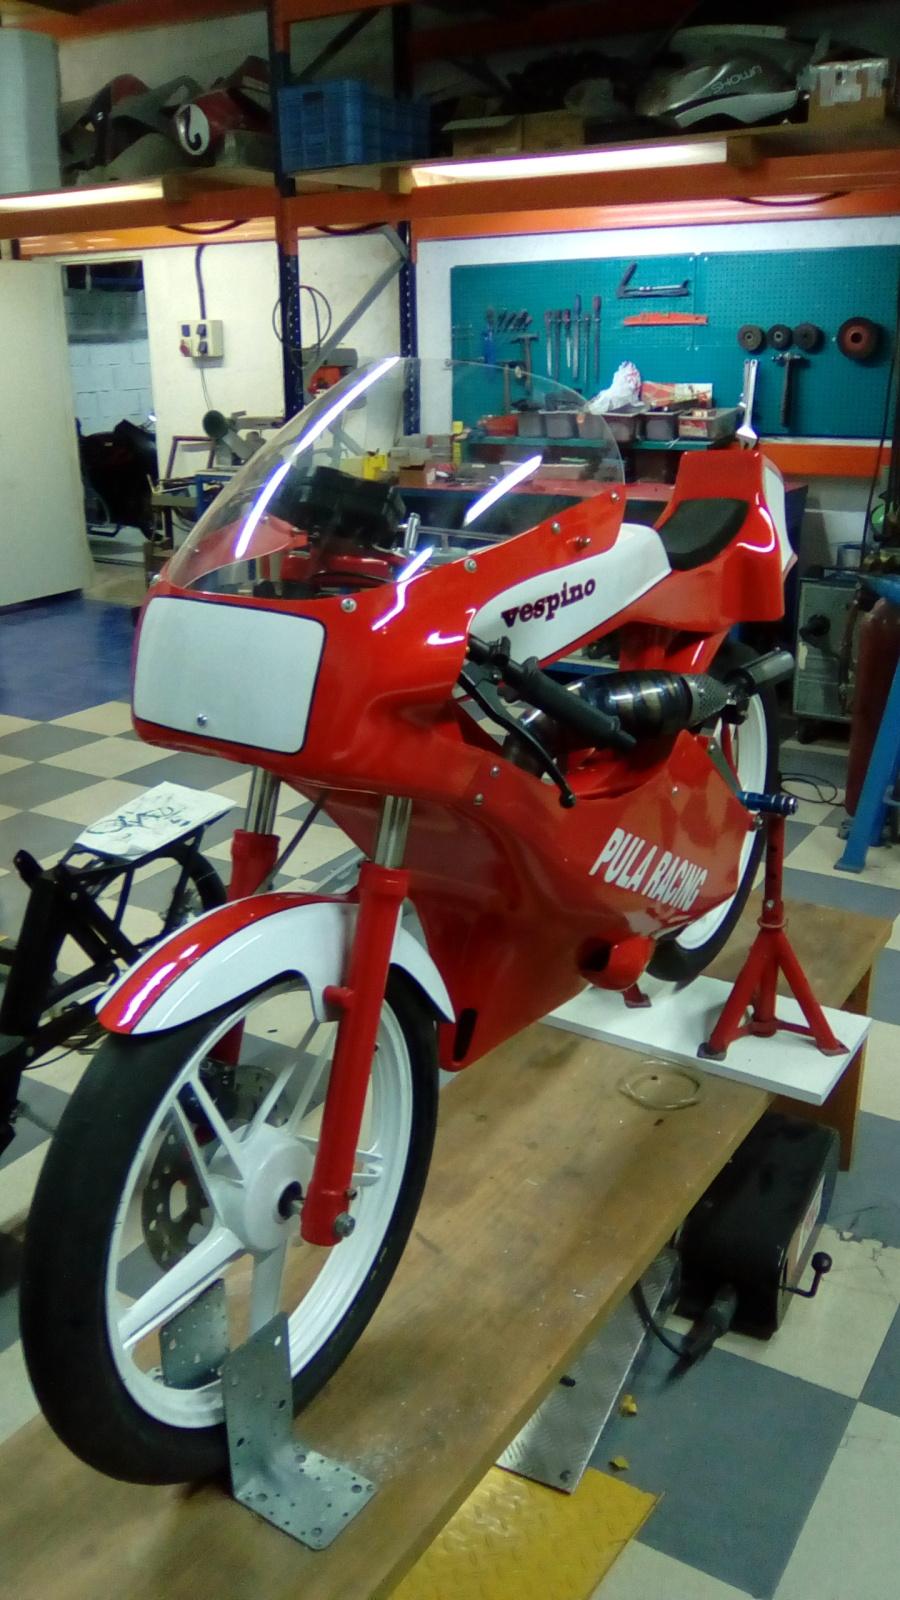 VESPINO - Proyecto Vespino de 65 cc. de Velocidad. - Página 2 53u0jq